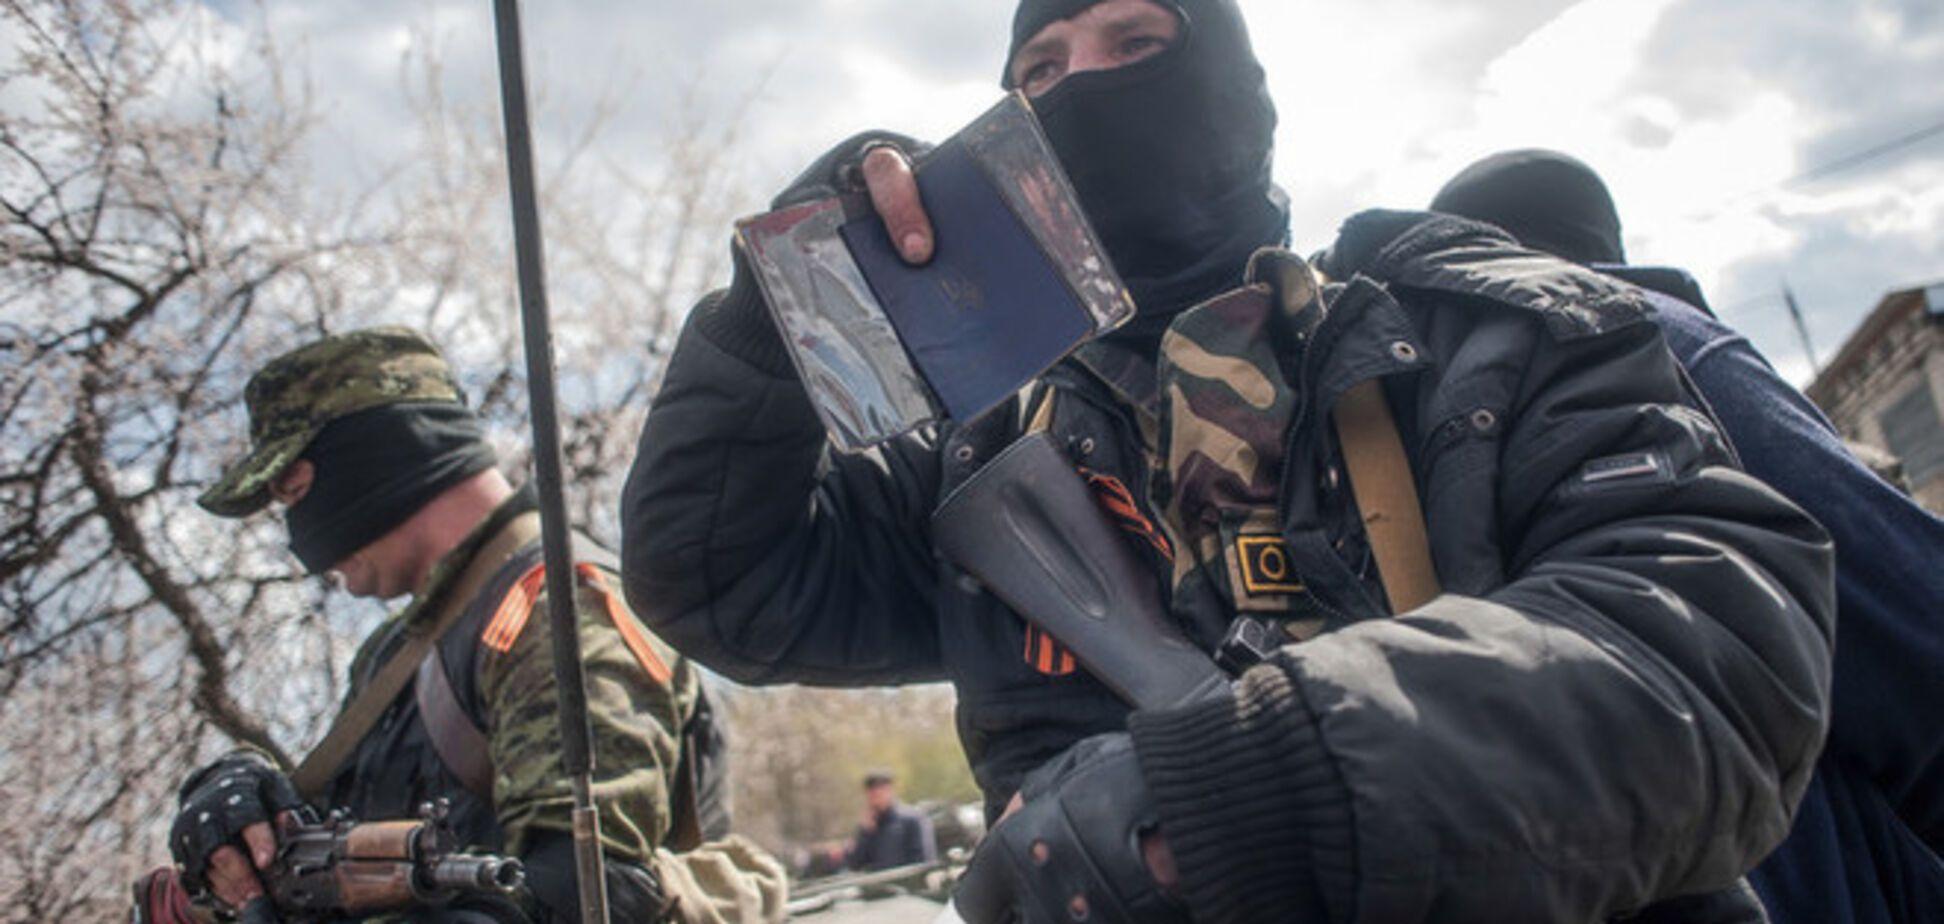 Боевики в Первомайске не пропускают граждан с украинской пропиской, пока за них не поручатся 2 человека